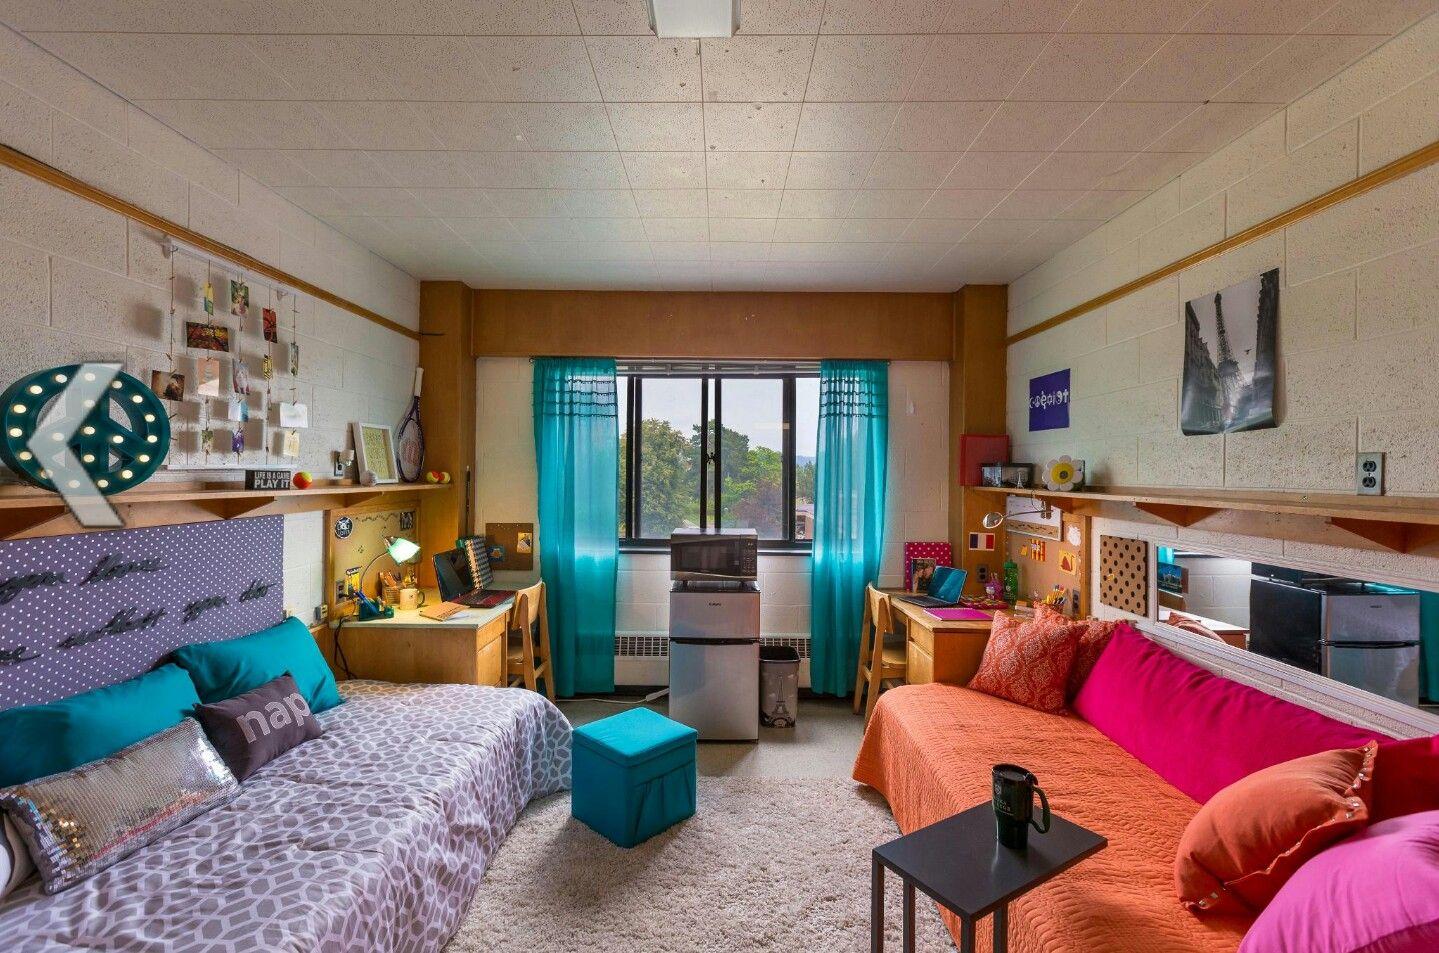 Keuka College Dorm